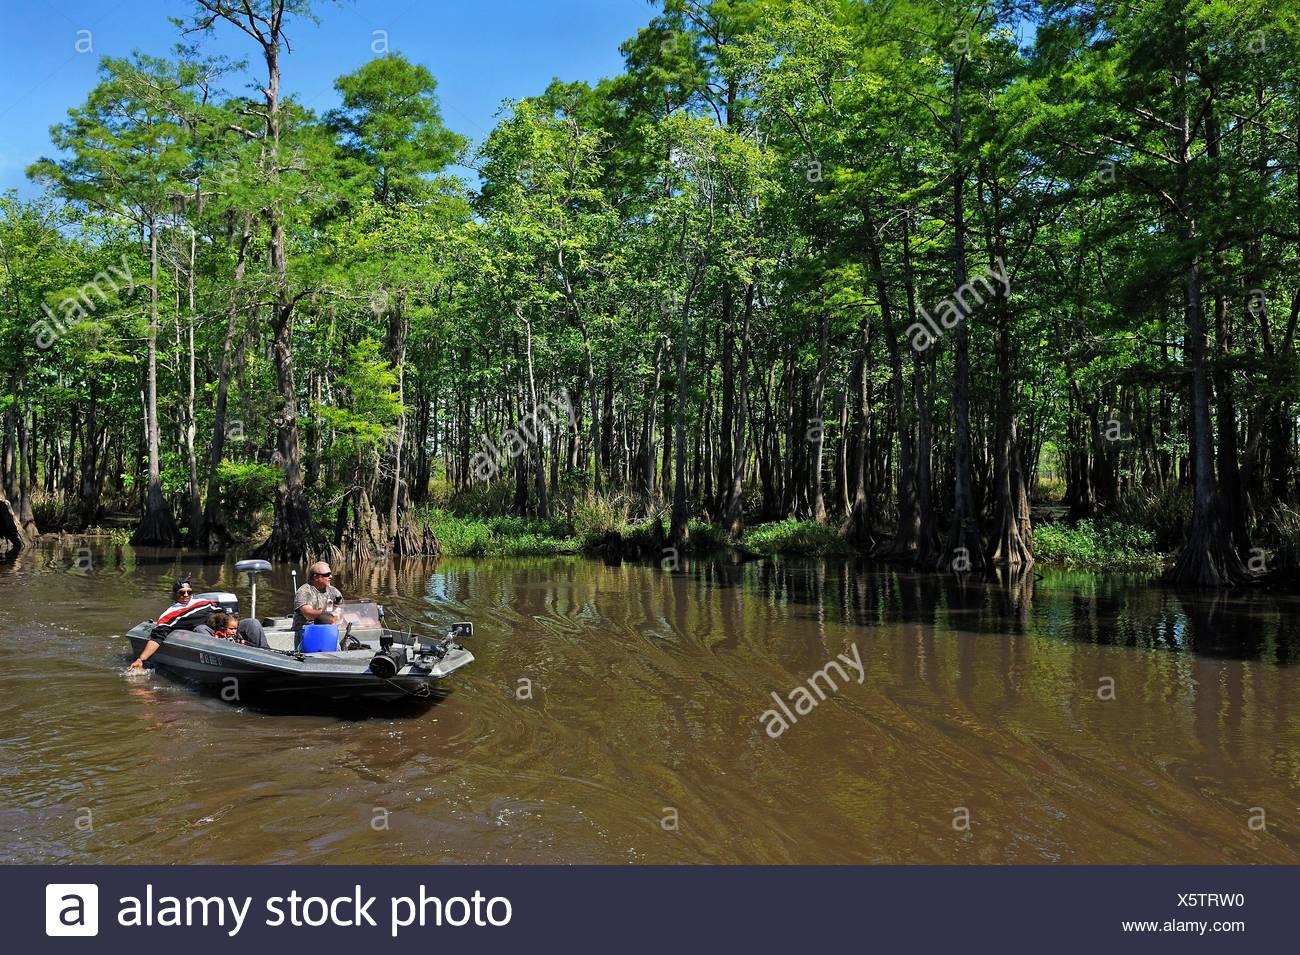 Viaje en bote a motor sobre un ciprés revestidos de canal del río Neches remanso, Beaumont, Texas, Estados Unidos de América, América del Norte Imagen De Stock